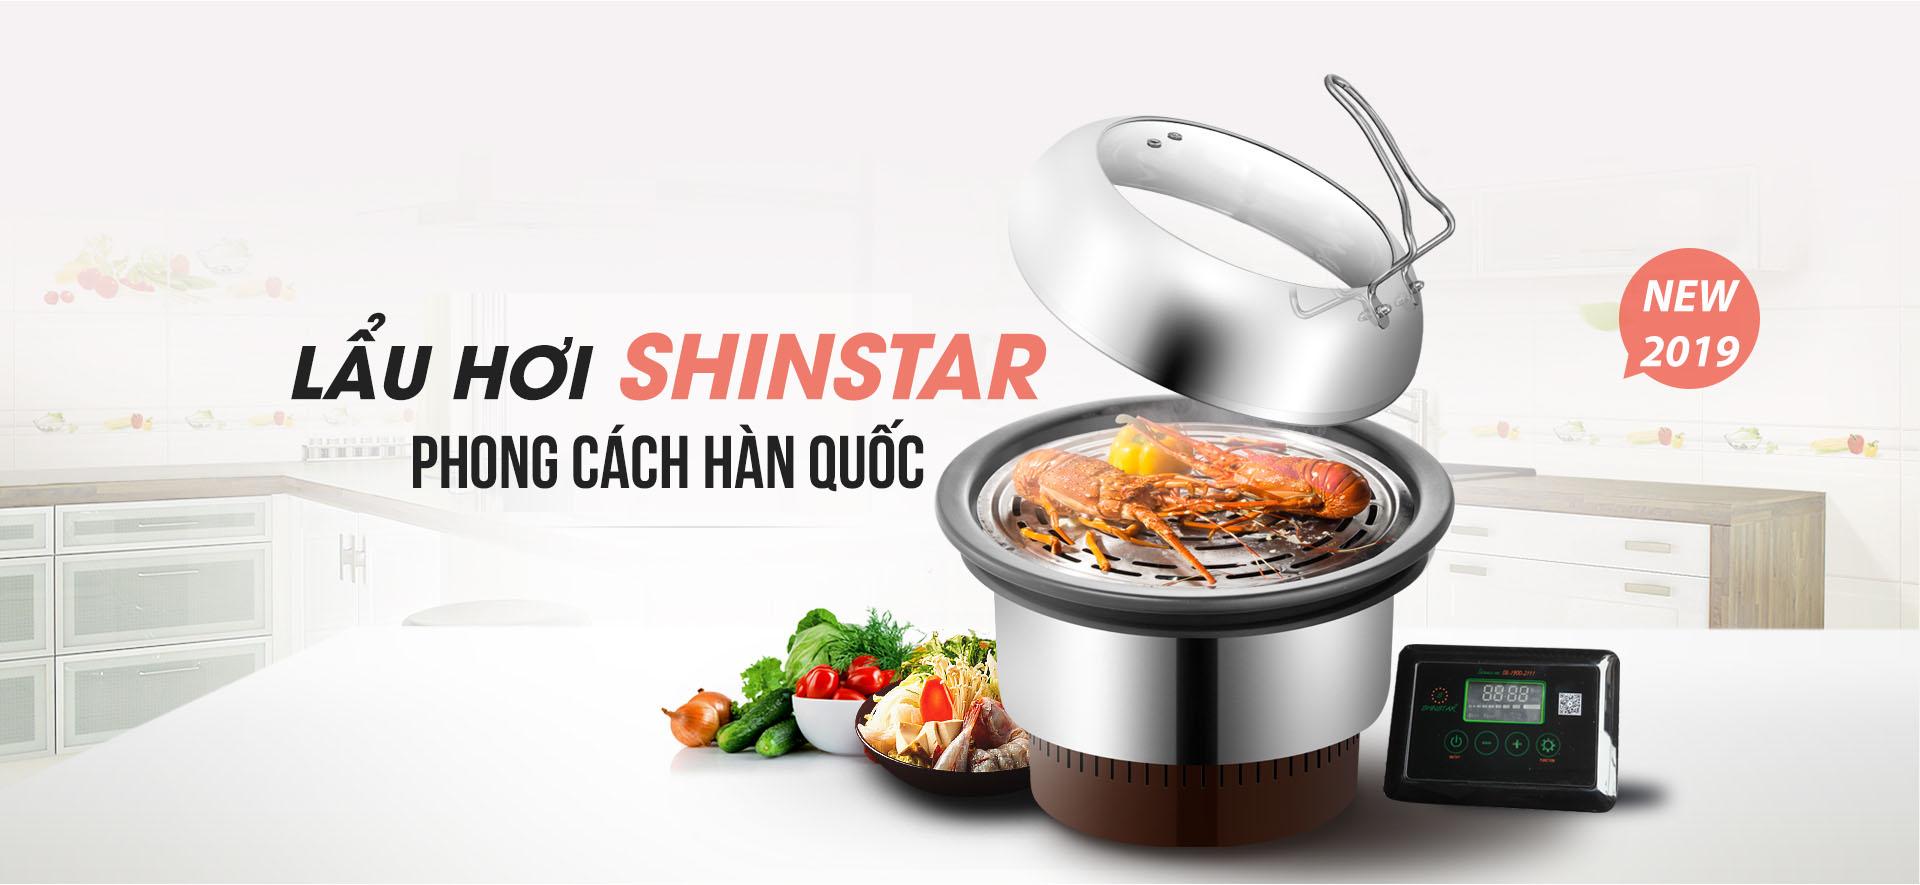 Lẩu hơi ShinStar - Lẩu hấp thủy nhiệt Hong Kong